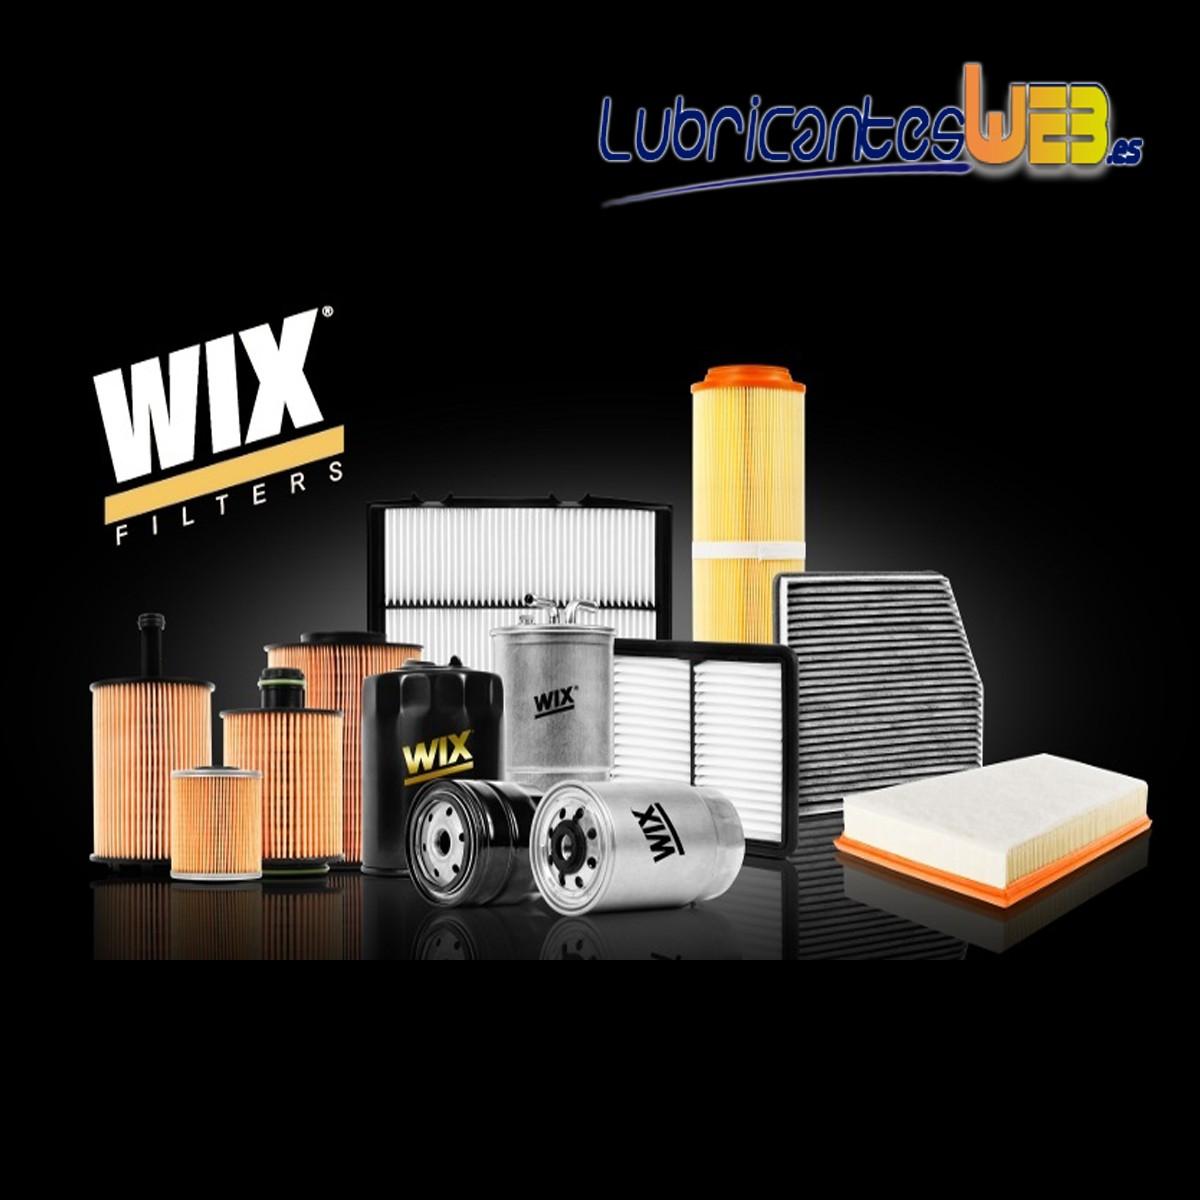 FILTRO WIX DE COMBUSTIBLE WF8367